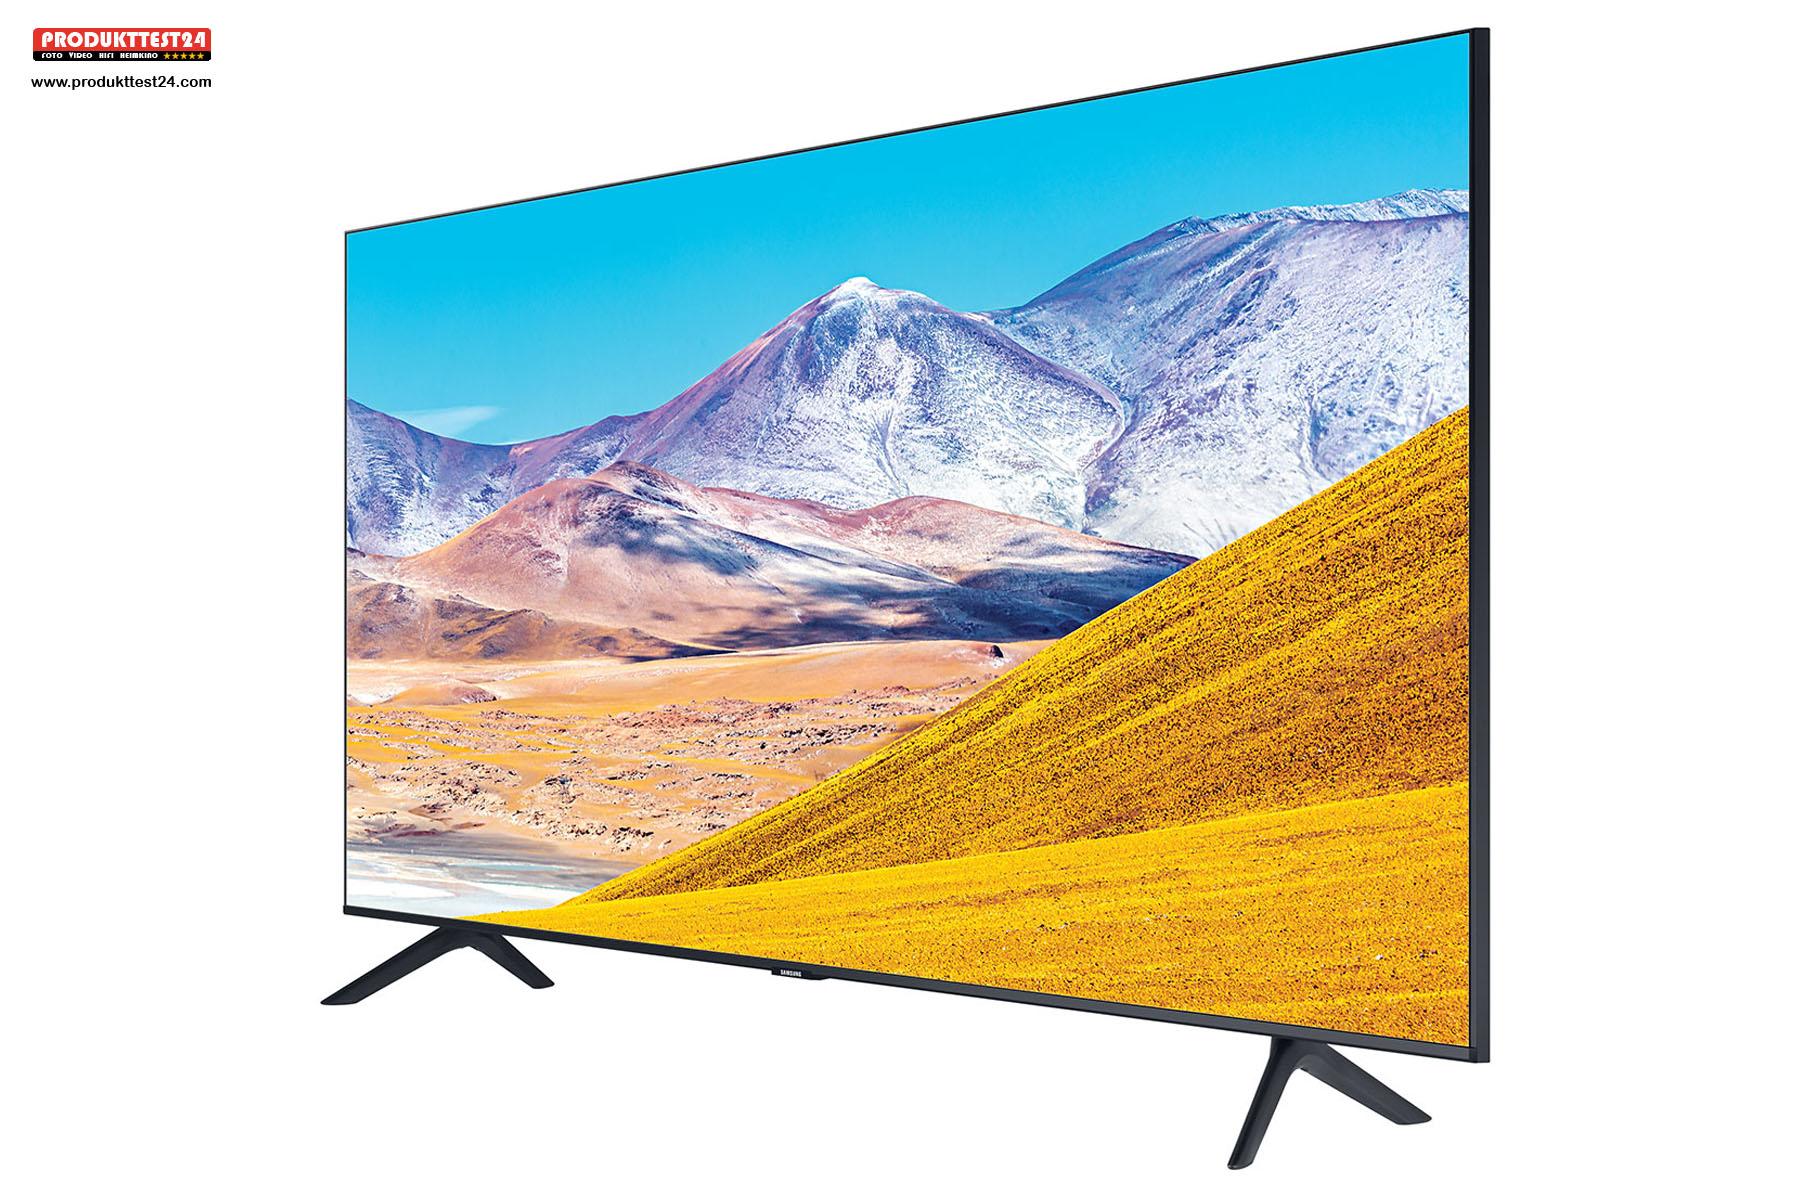 Das Crystal 4K-Display bietet eine 20% höhere Farbwiedergabe.